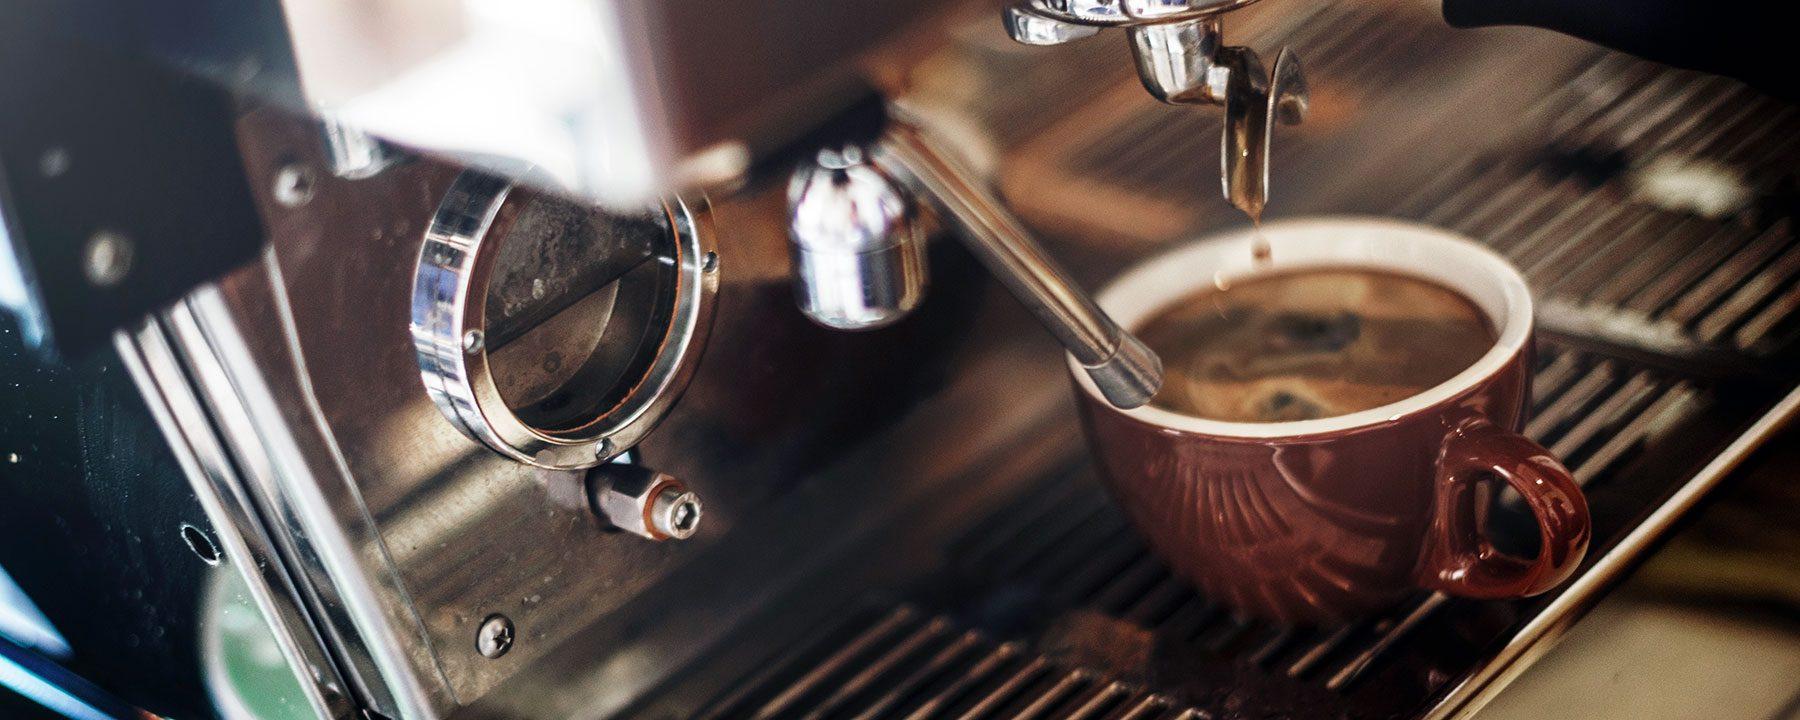 Coffee Java